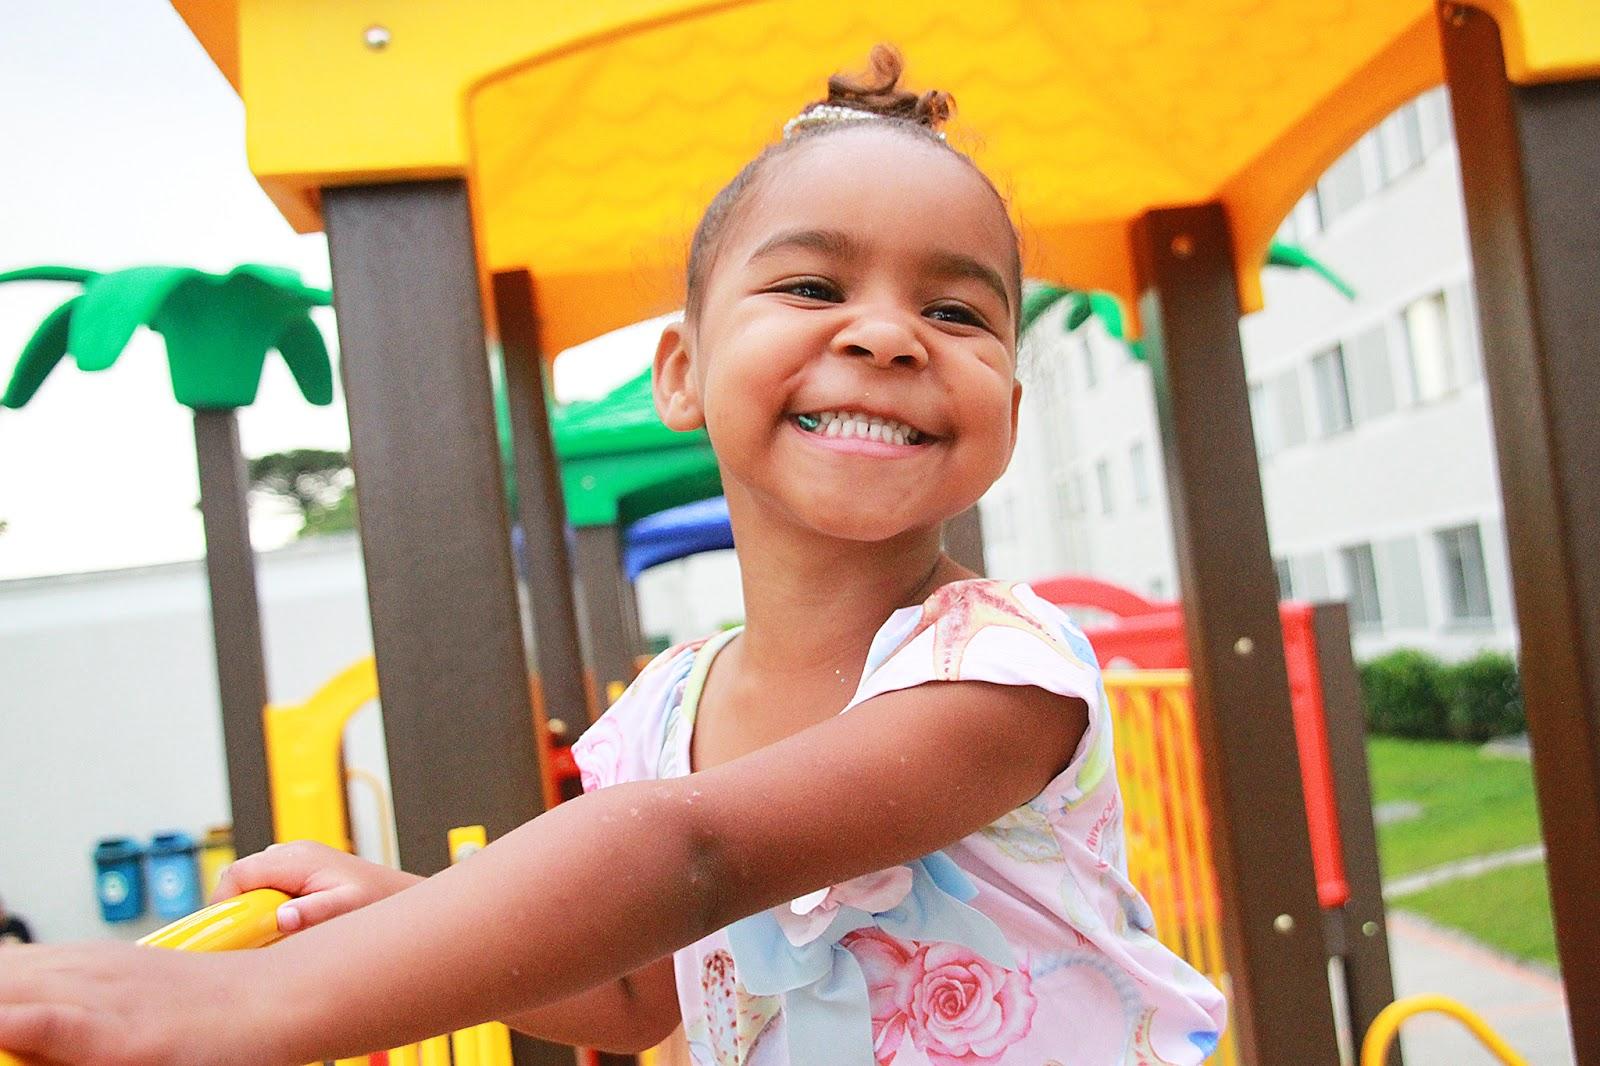 Como a fotografia pode marcar tanto duas vidas diferentes? Conheça a Mari e como fazer o evento de festa infantil dela foi uma mudança na minha vida, a fotógrafa. Saiba agora!